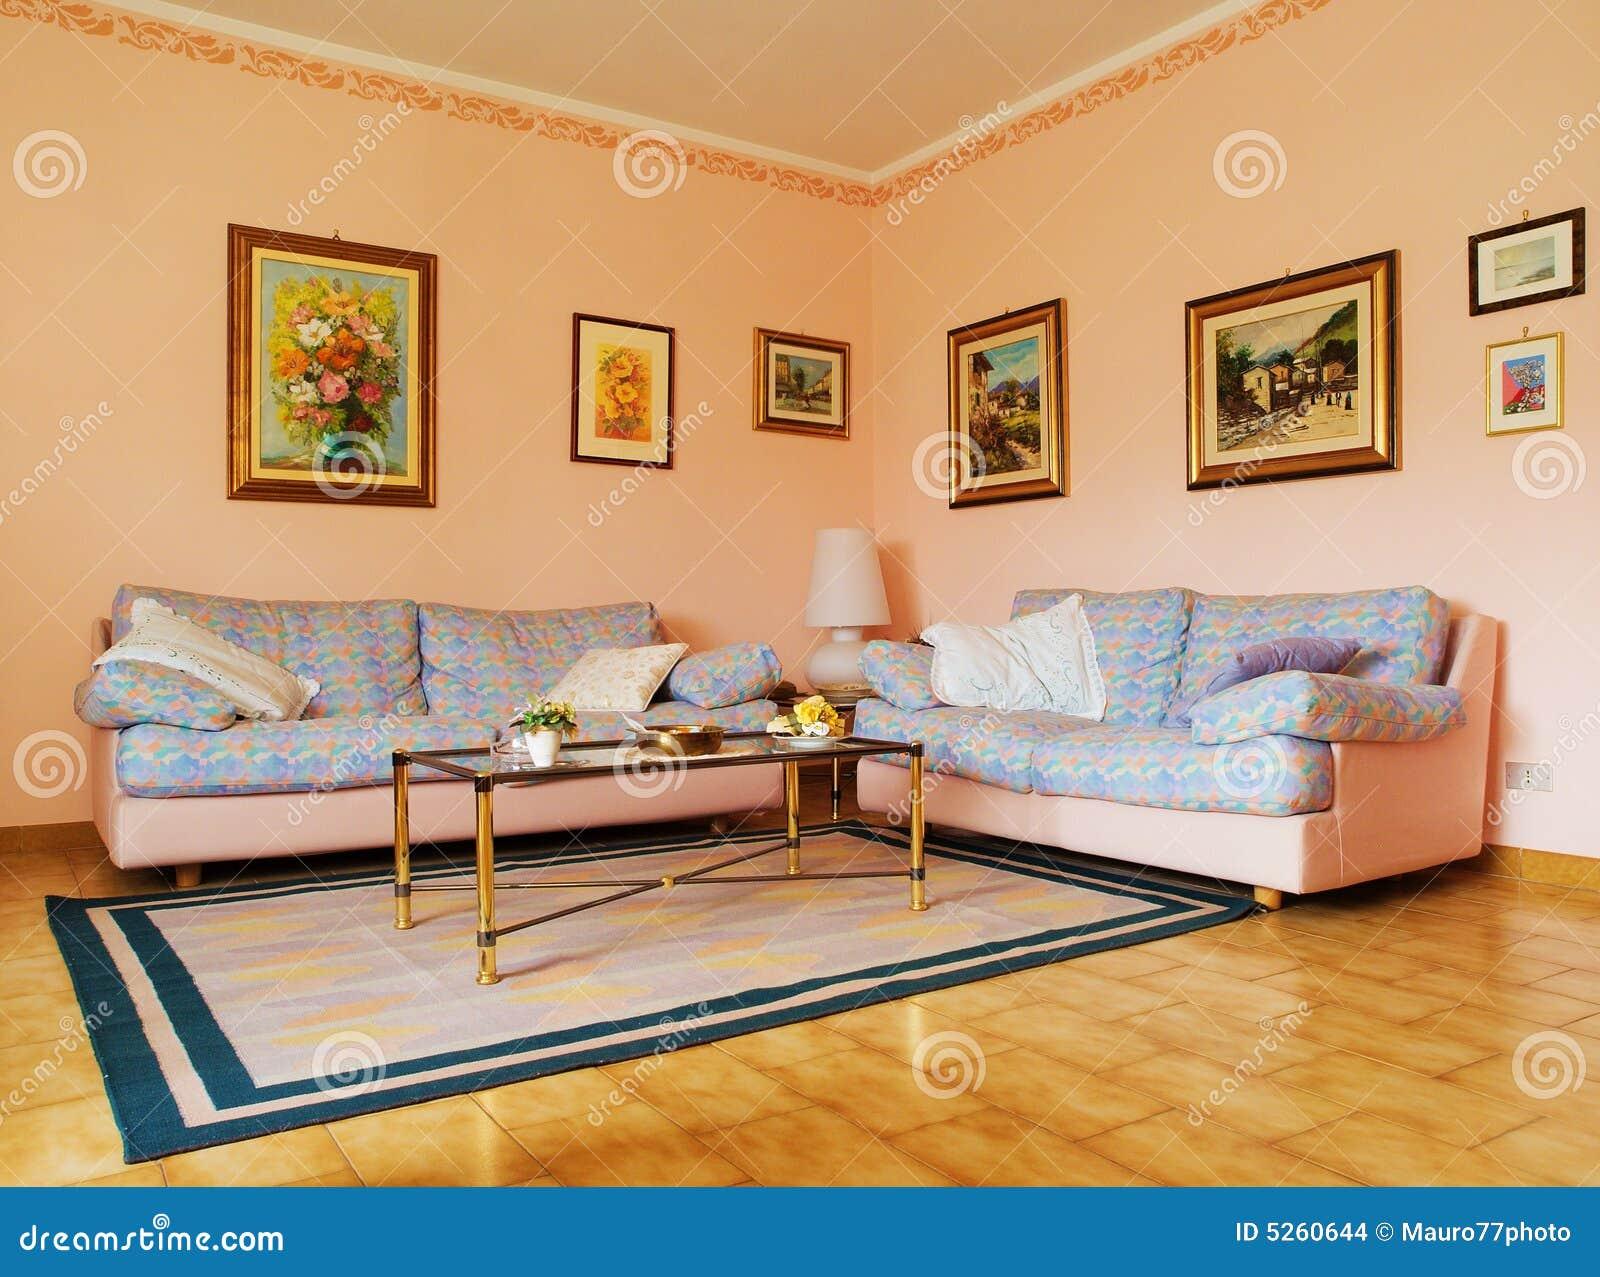 Woonkamer Schilderijen : Een klassieke woonkamer met tapijt, banken en ...